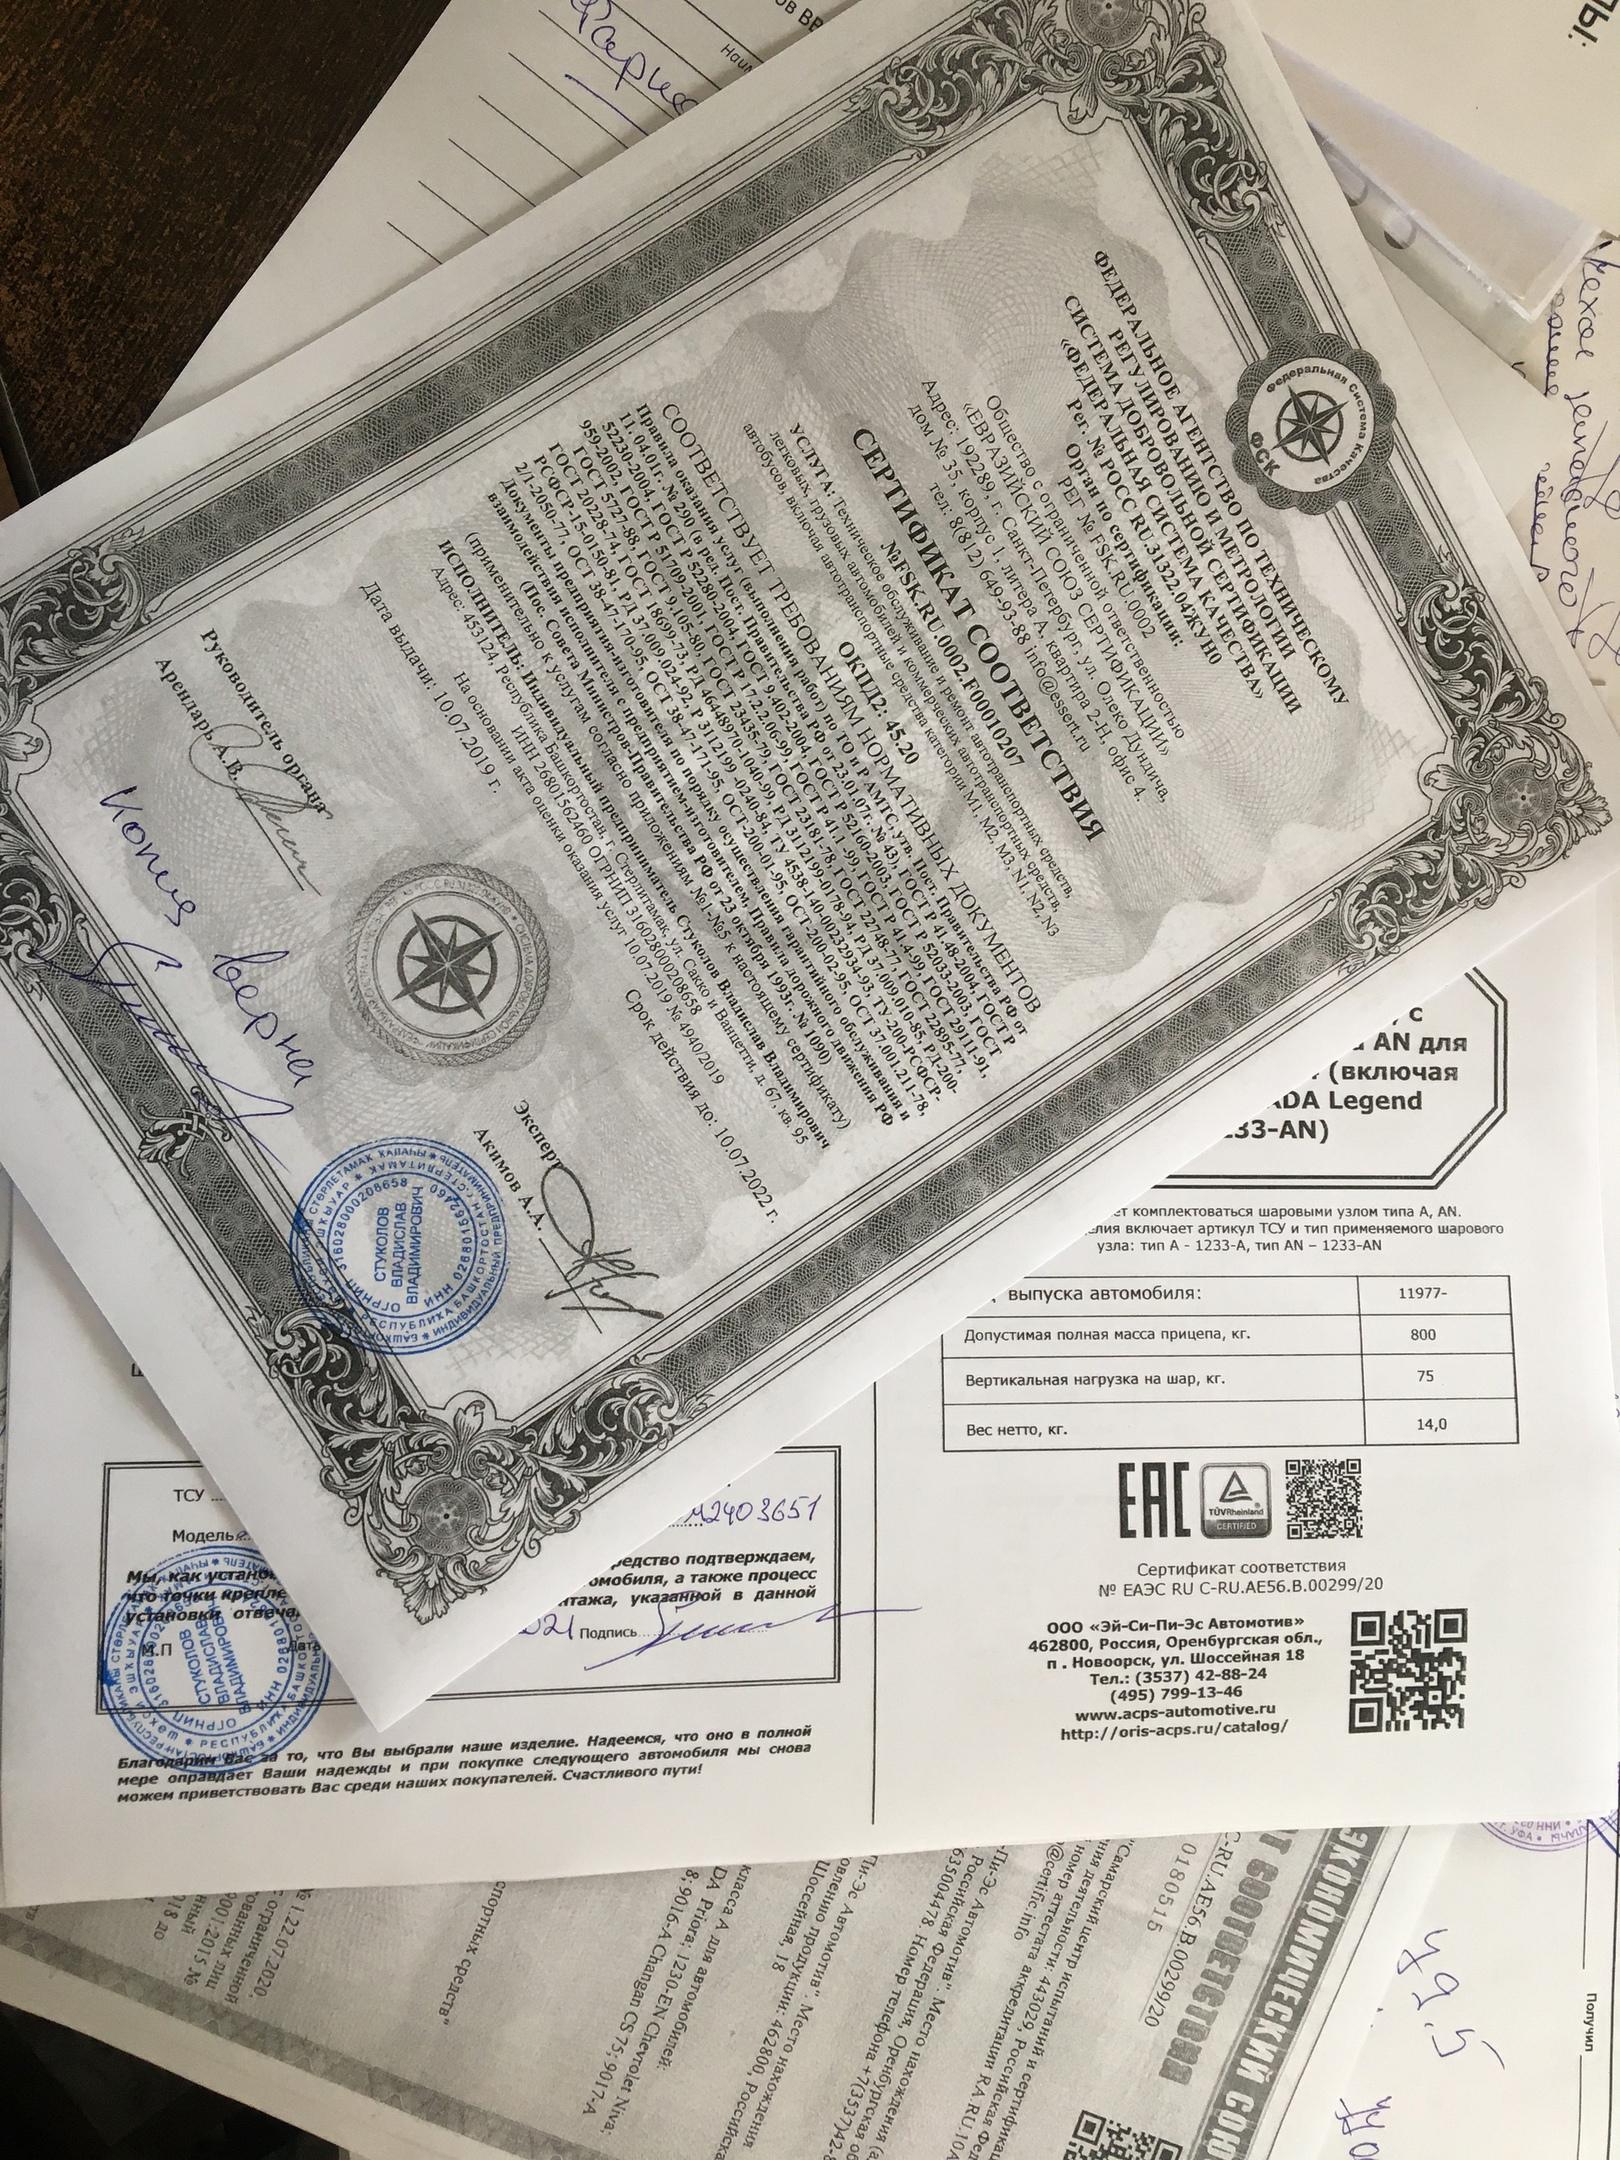 Получить разрешение на фаркоп на легковом автомобиле Пермь